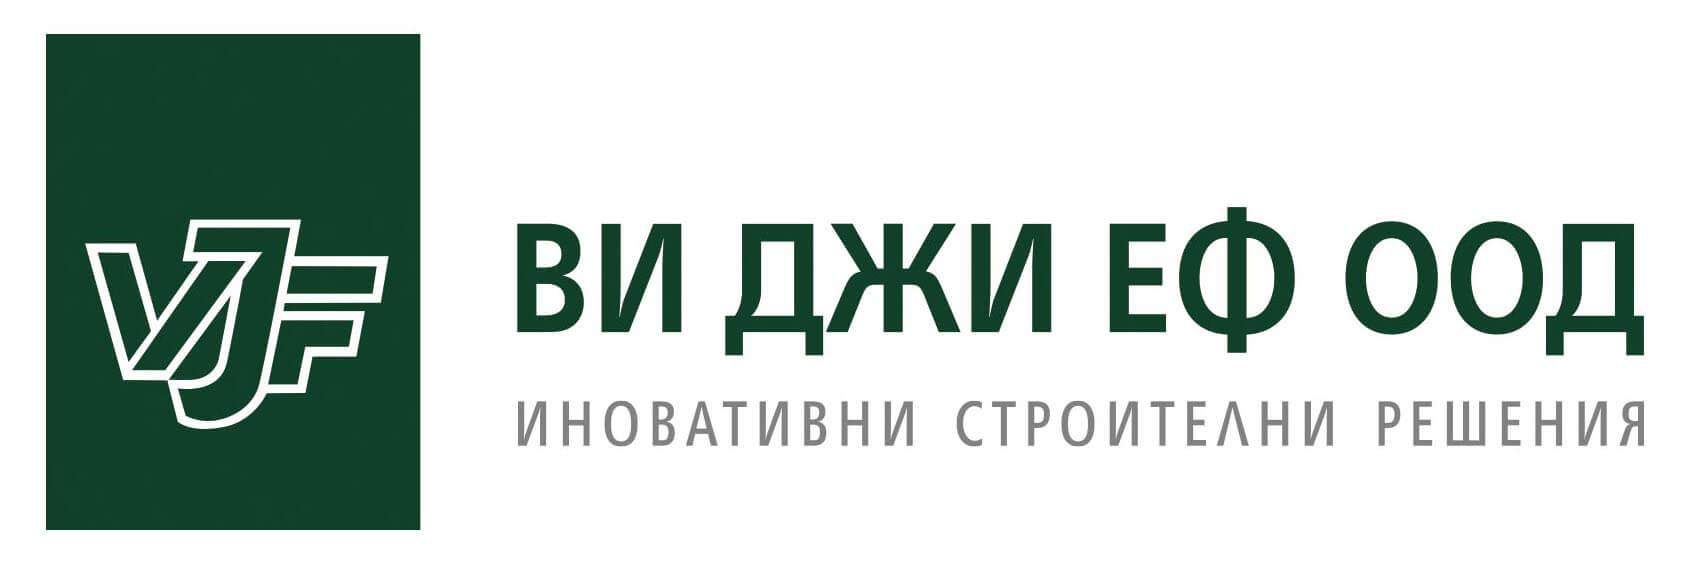 vjf_logo-stroiteli